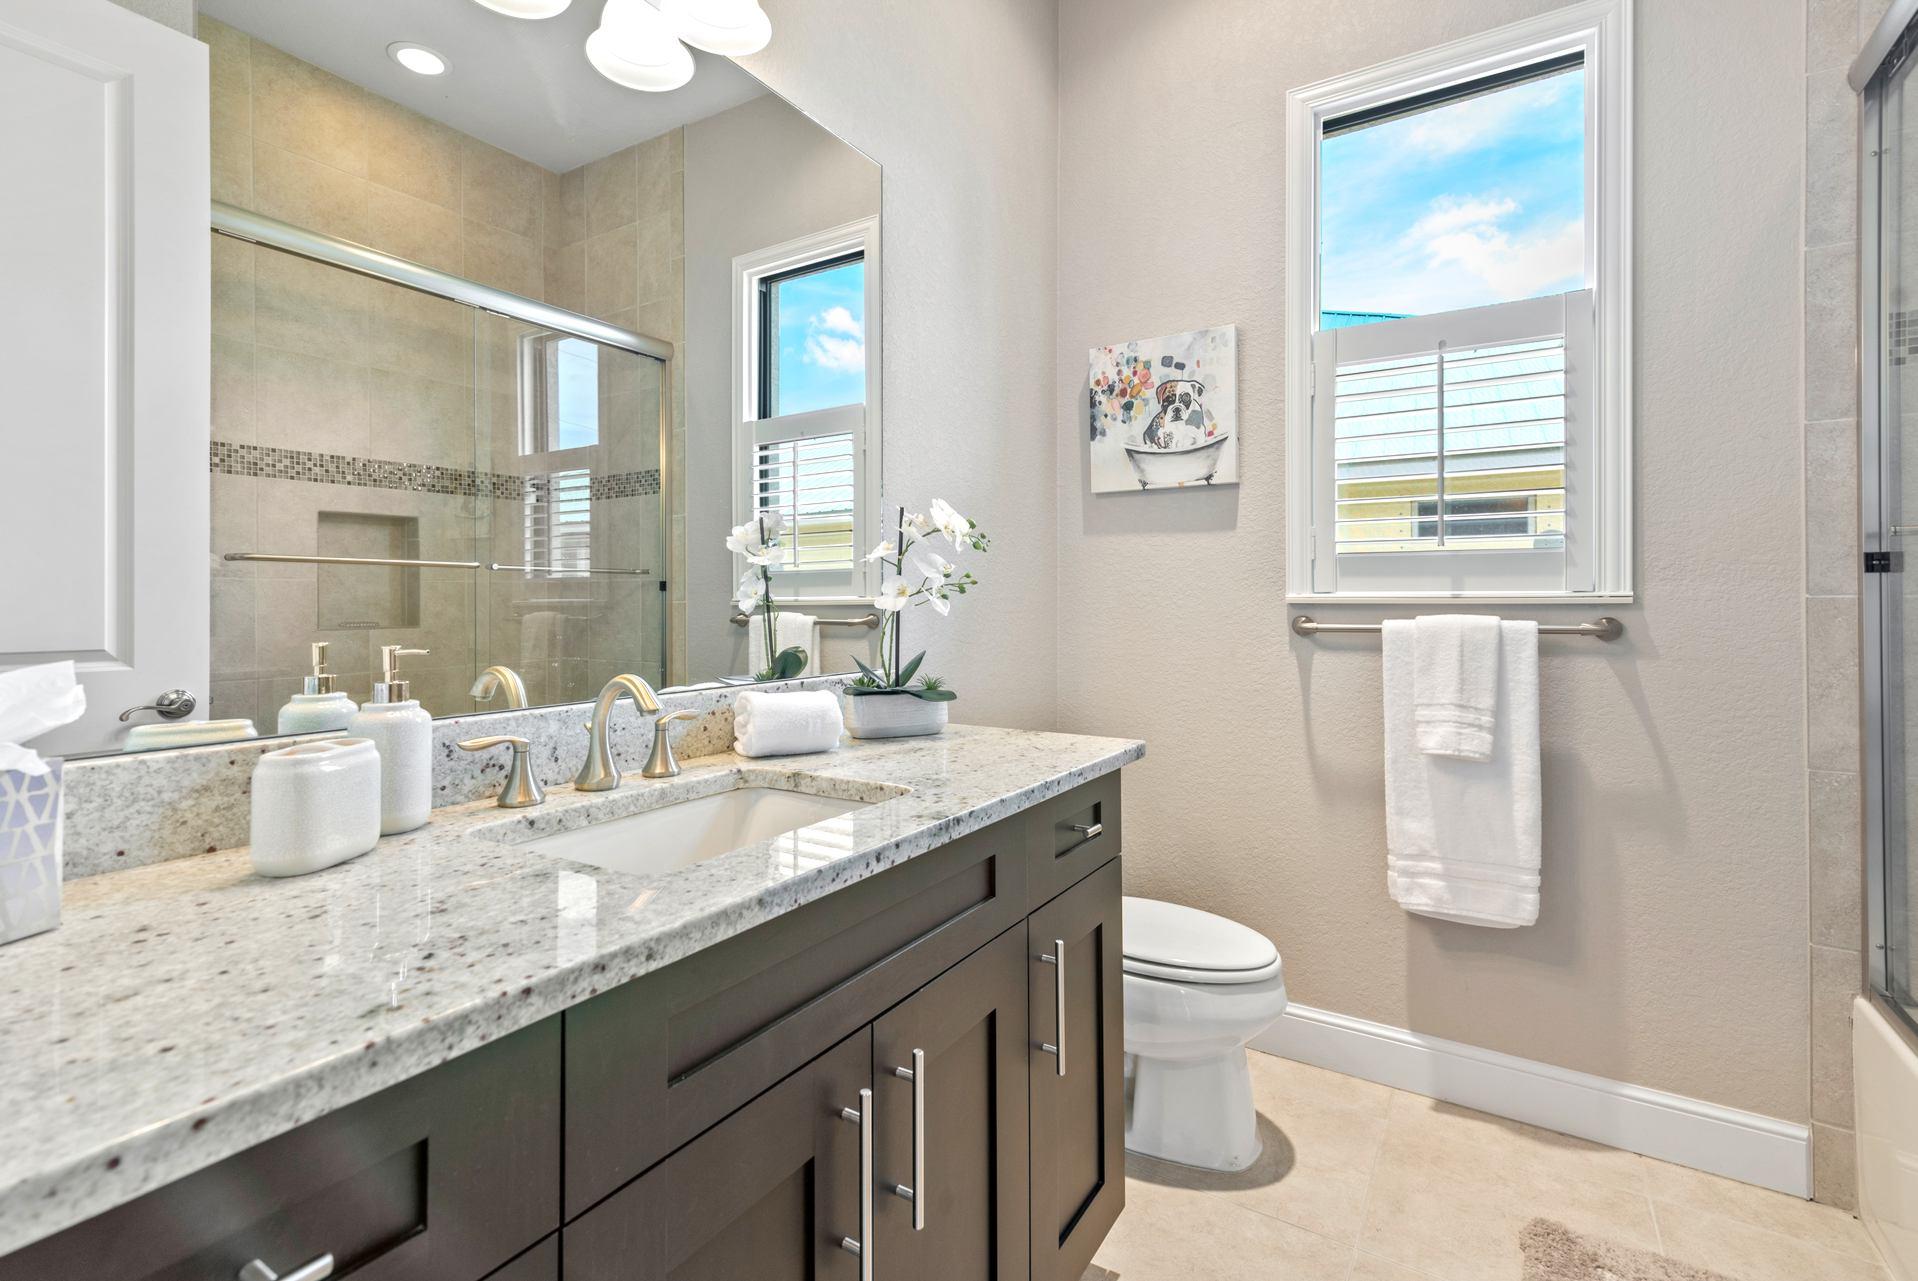 Badezimmer im Ferienhaus